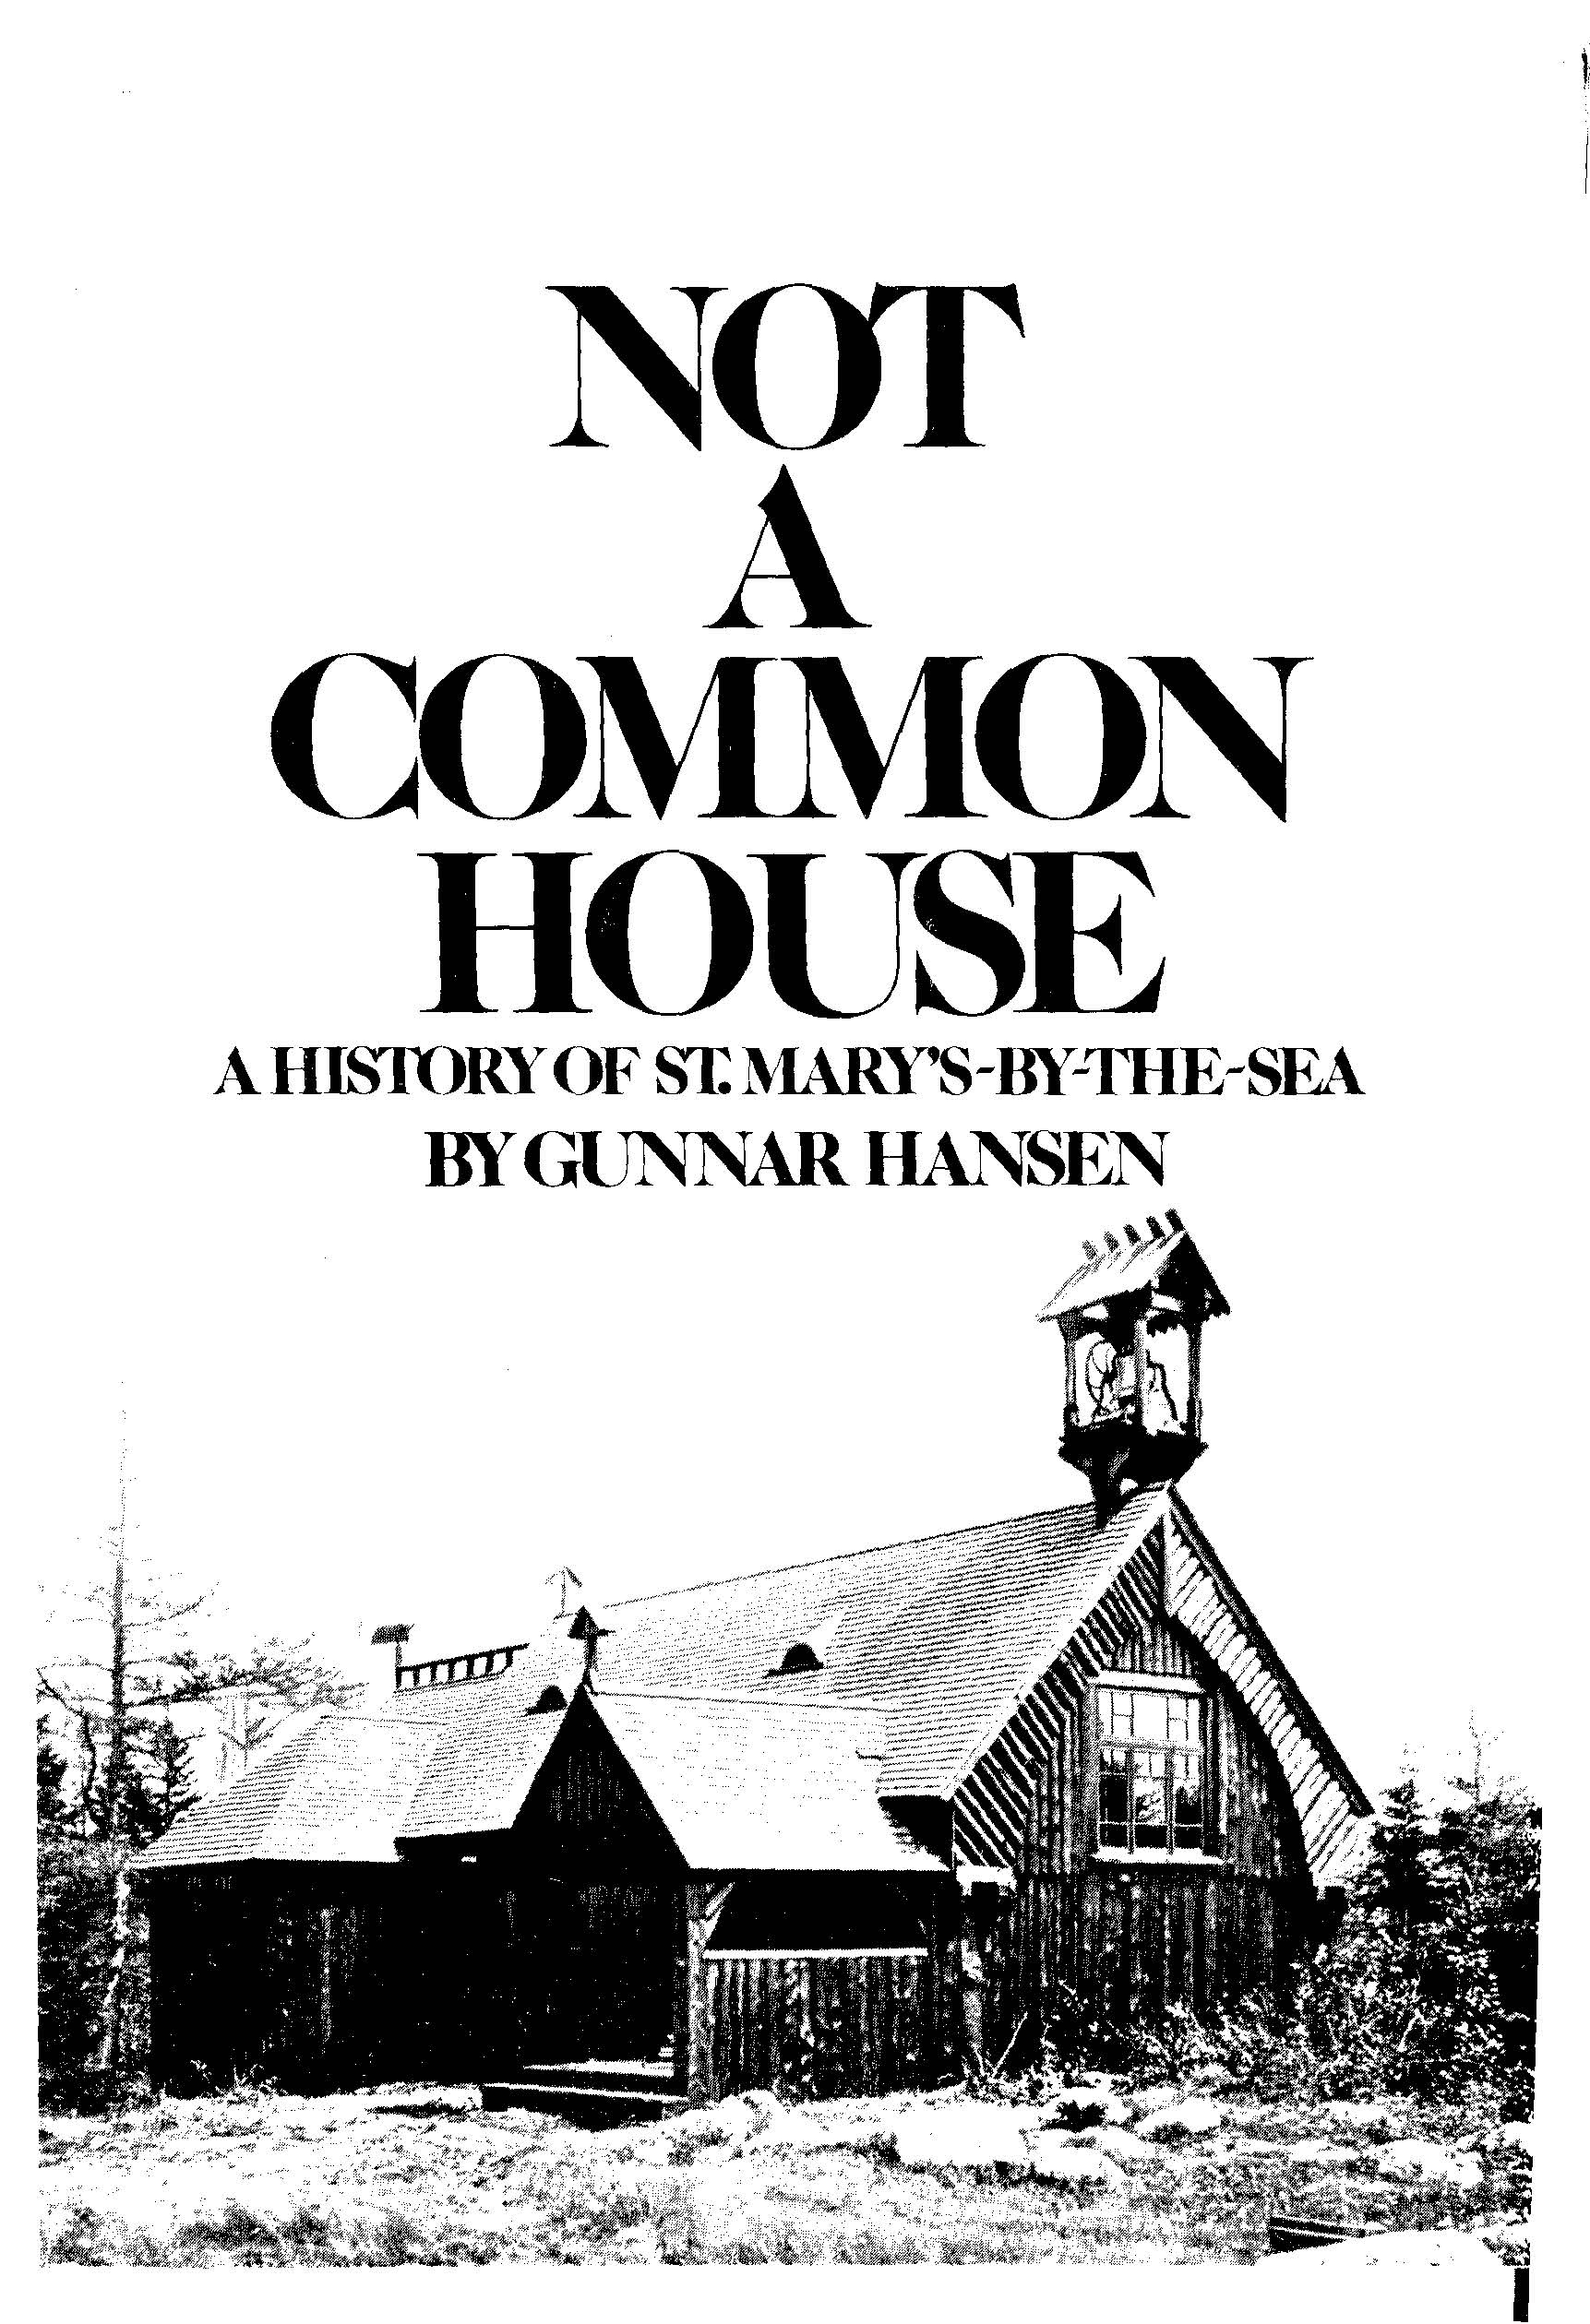 Gunnar Hansen's History Book Cover